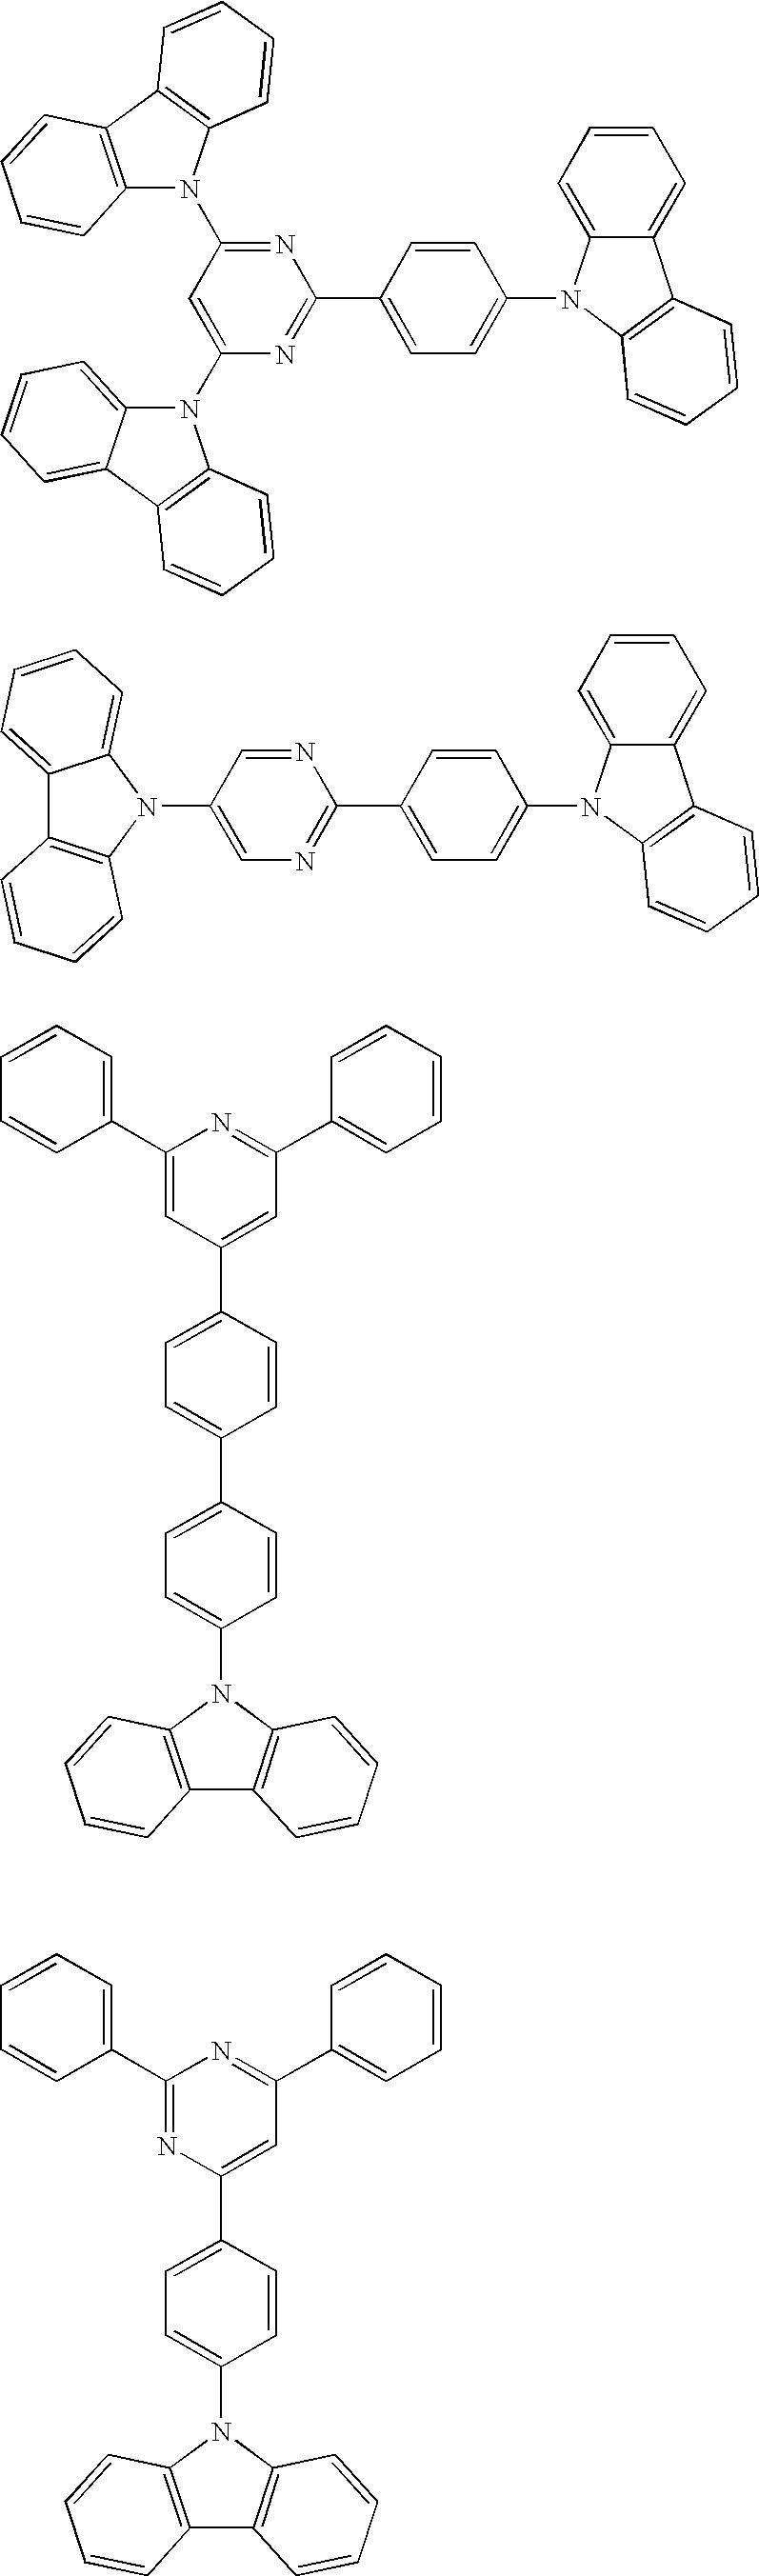 Figure US07608993-20091027-C00014